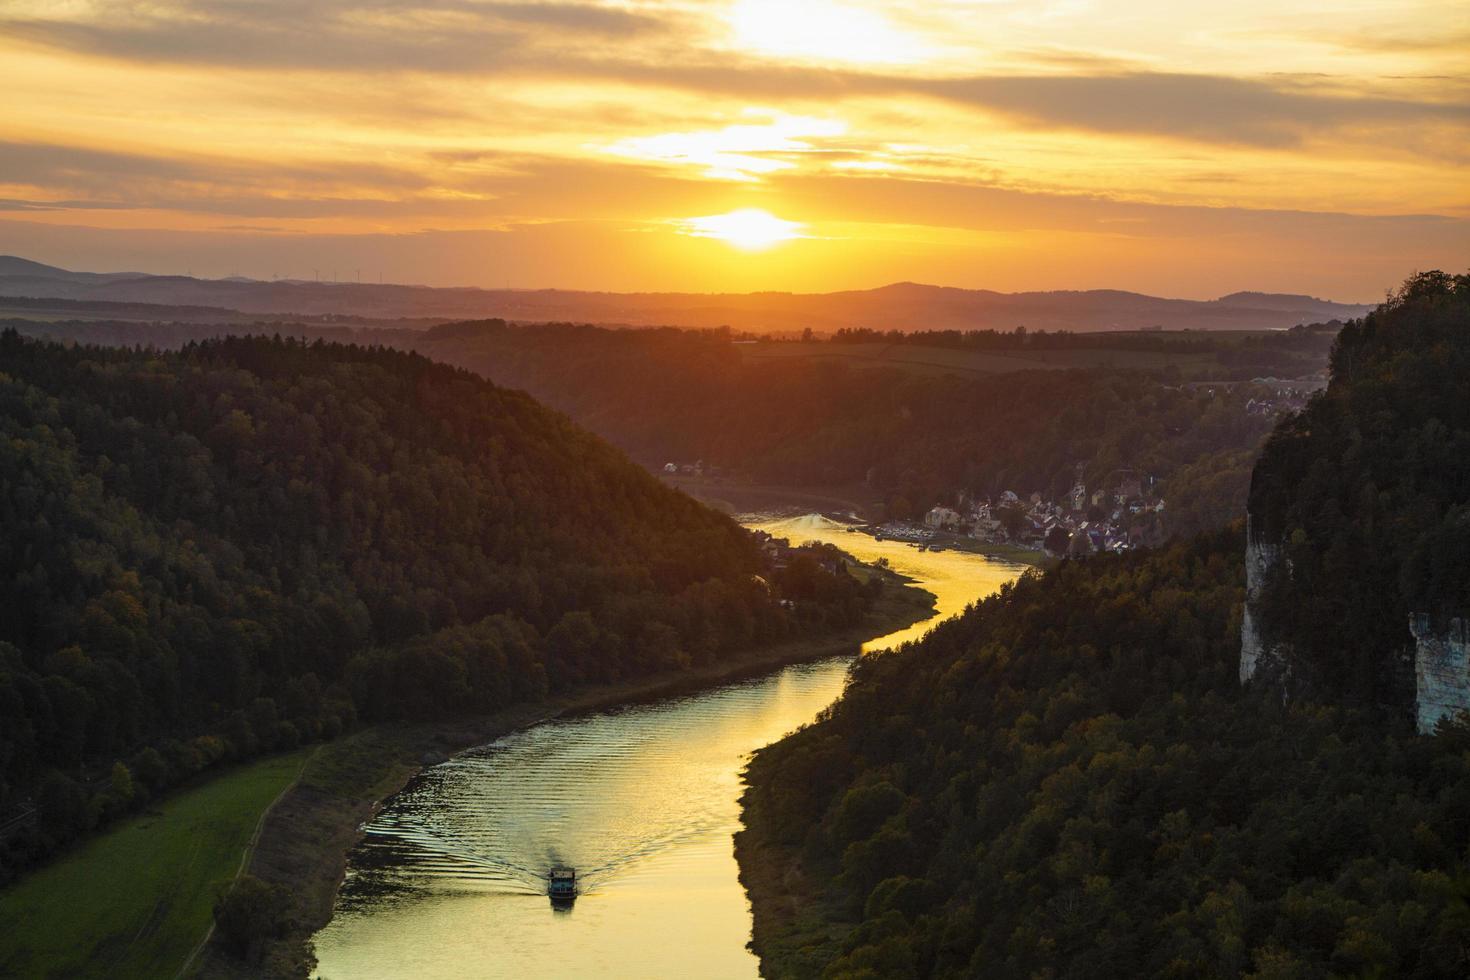 barca che scende lungo il fiume durante il tramonto. foto